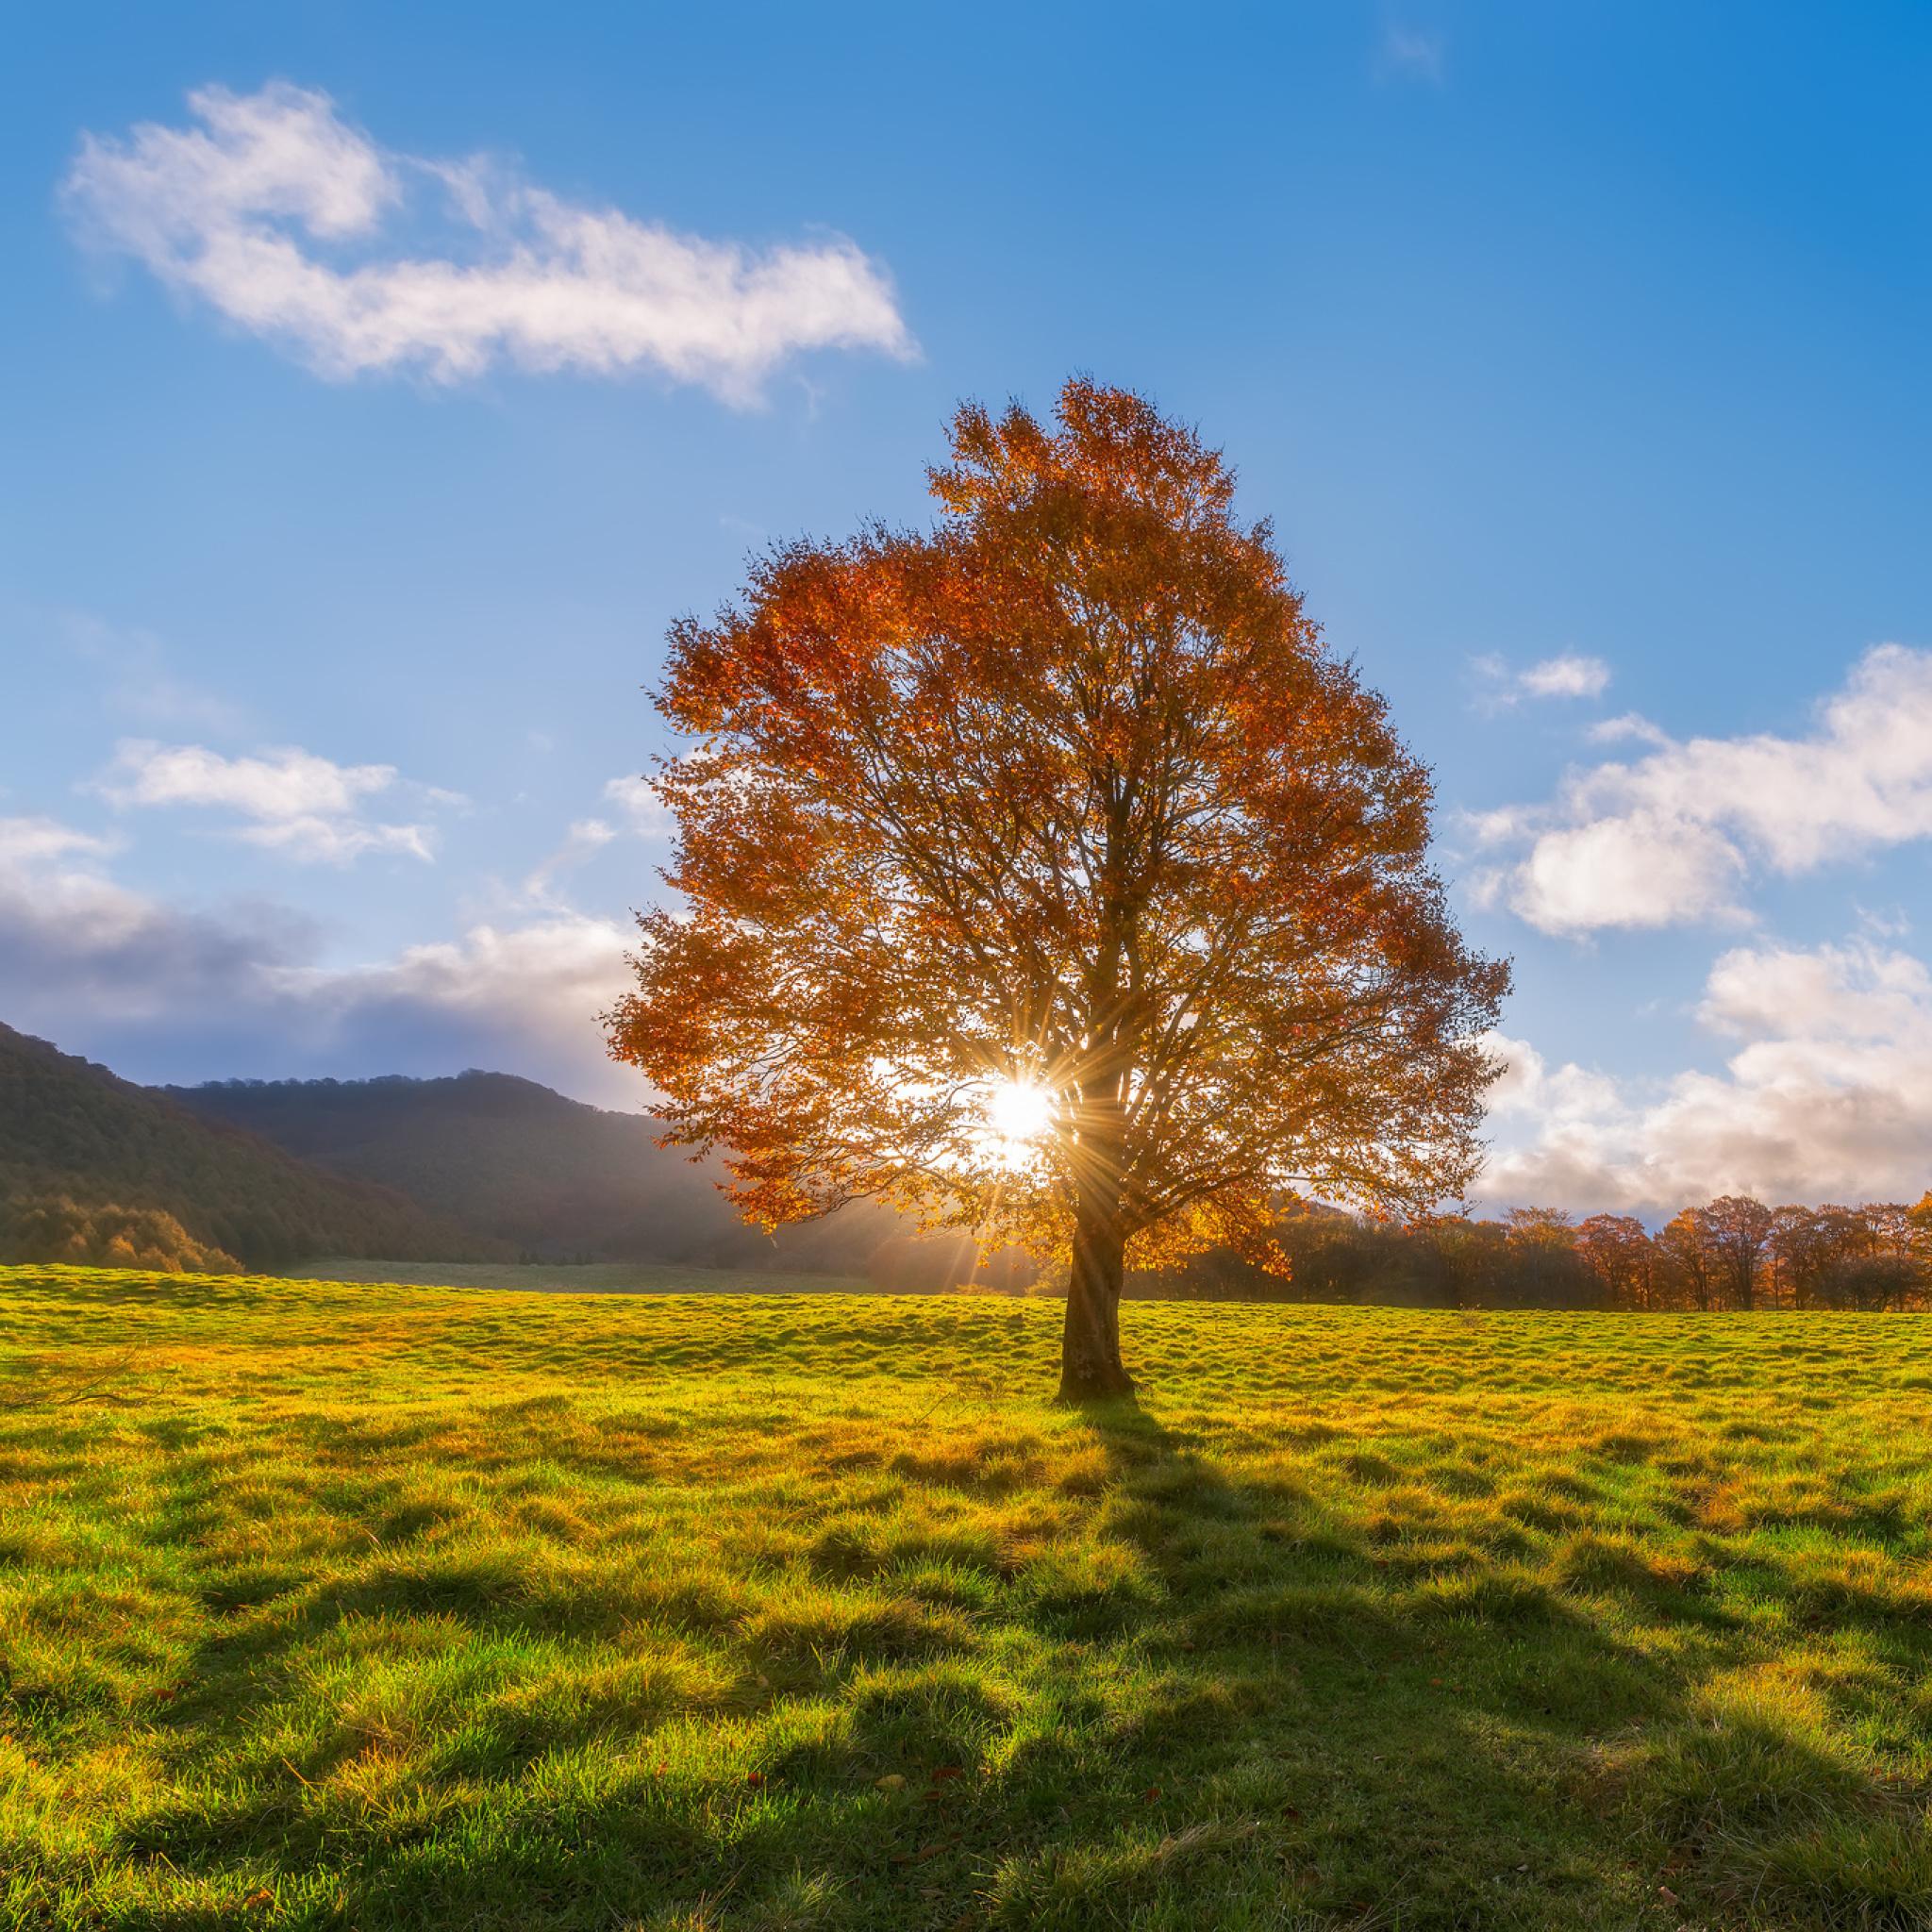 природа трава горизонт солнце деревья  № 2760811 загрузить